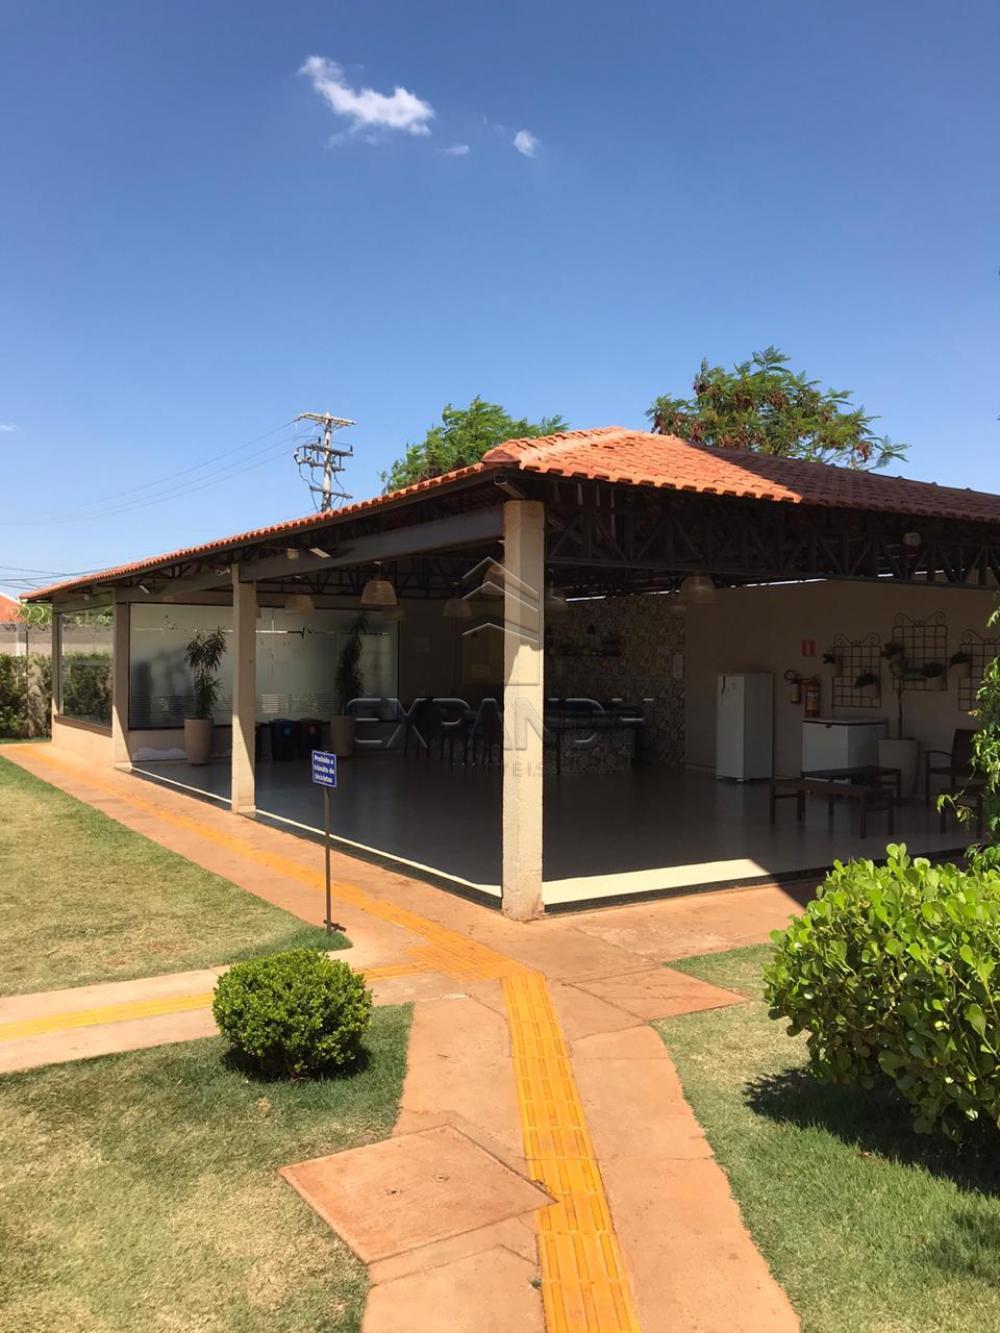 Comprar Apartamentos / Padrão em Sertãozinho R$ 130.000,00 - Foto 4